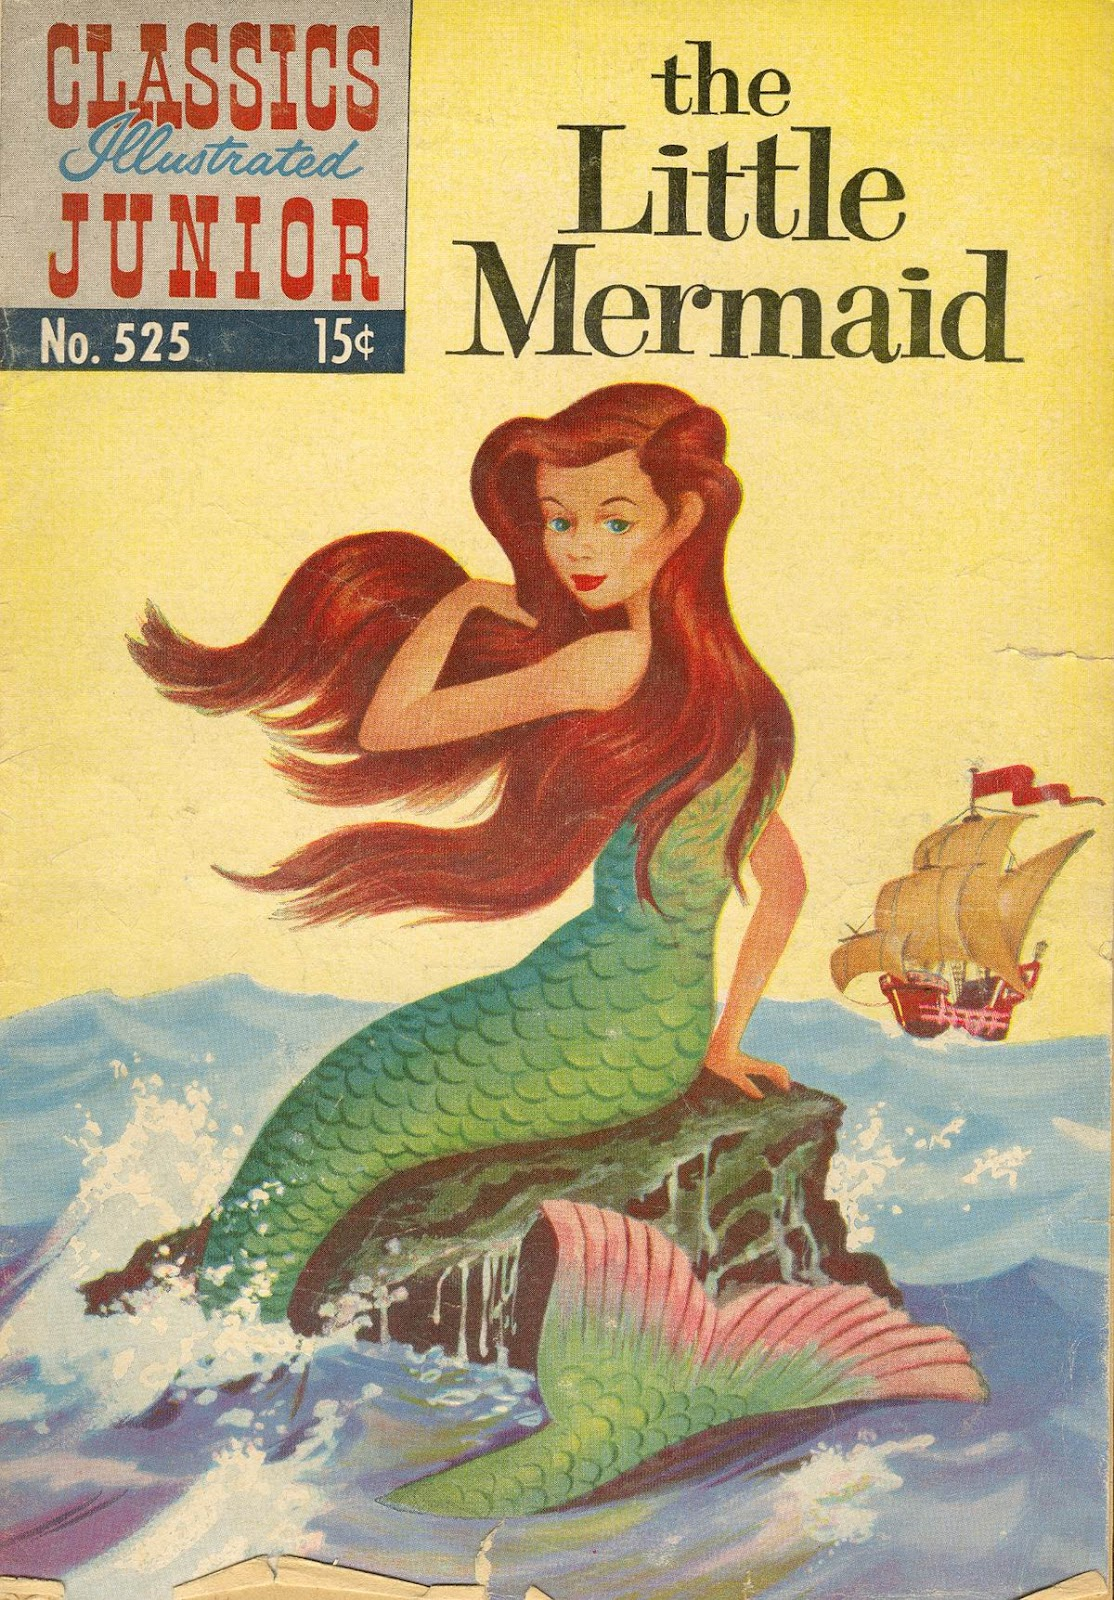 Classics Illustrated Junior 525 Page 1